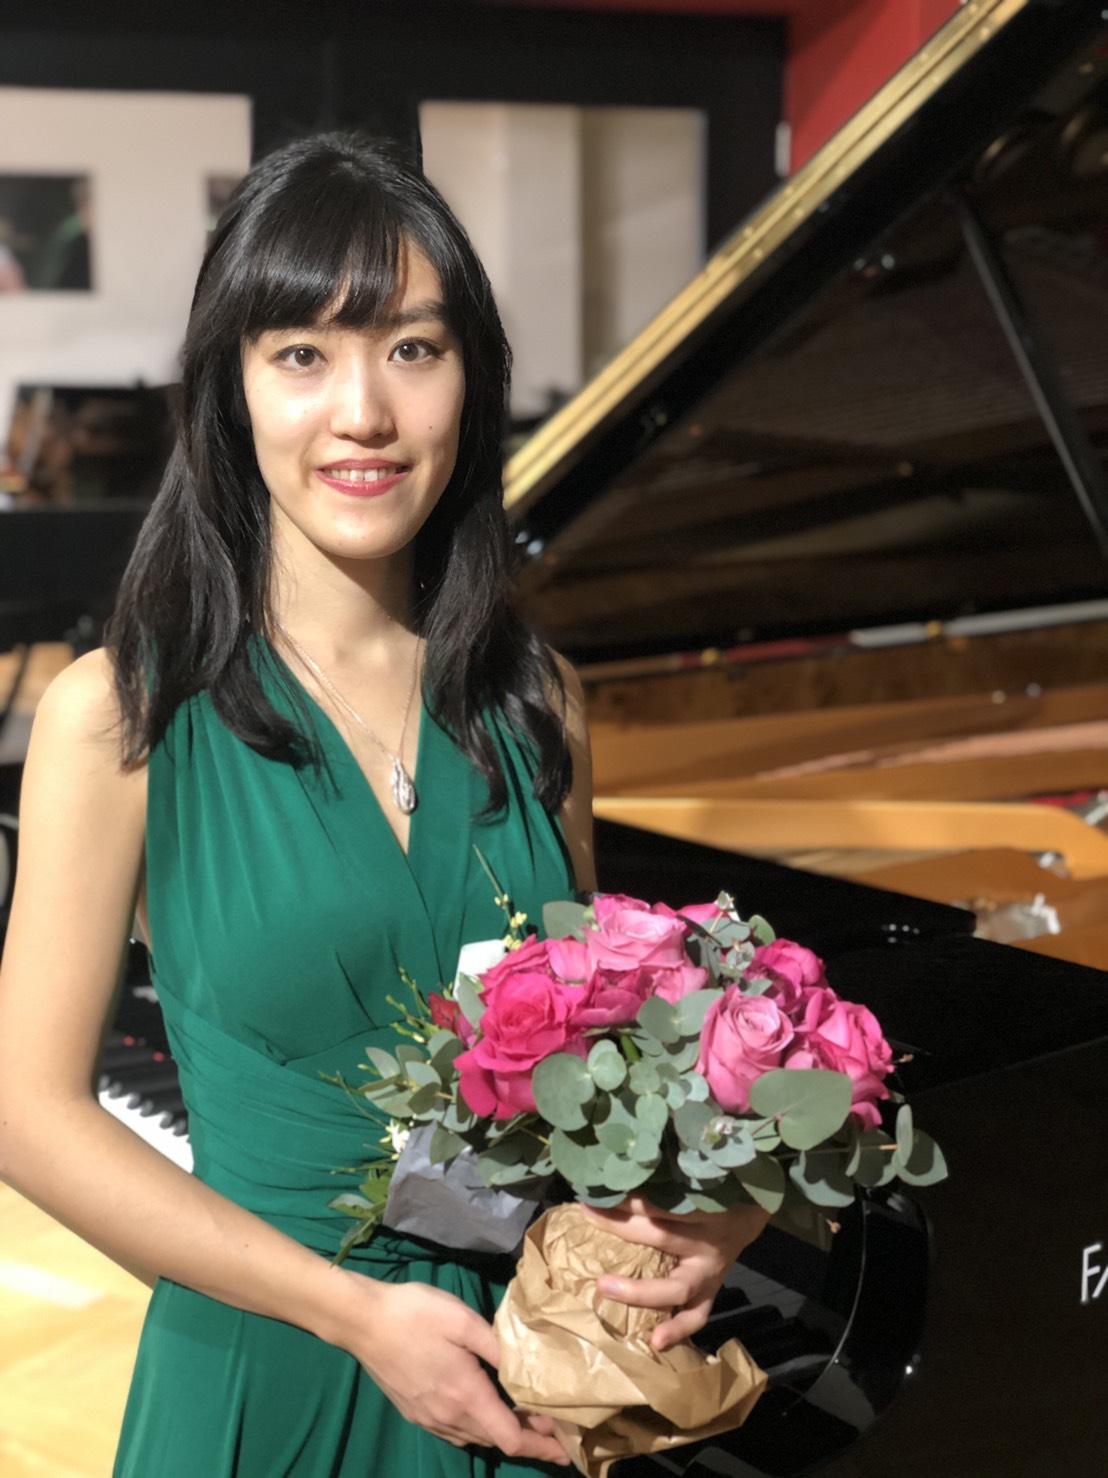 ドイツ・ミュンヘンのピアノ・フィッシャーでのピアノリサイタルにお越し下さった皆様、ありがとうございました!(Piano-Fischer München, 2019年1月)